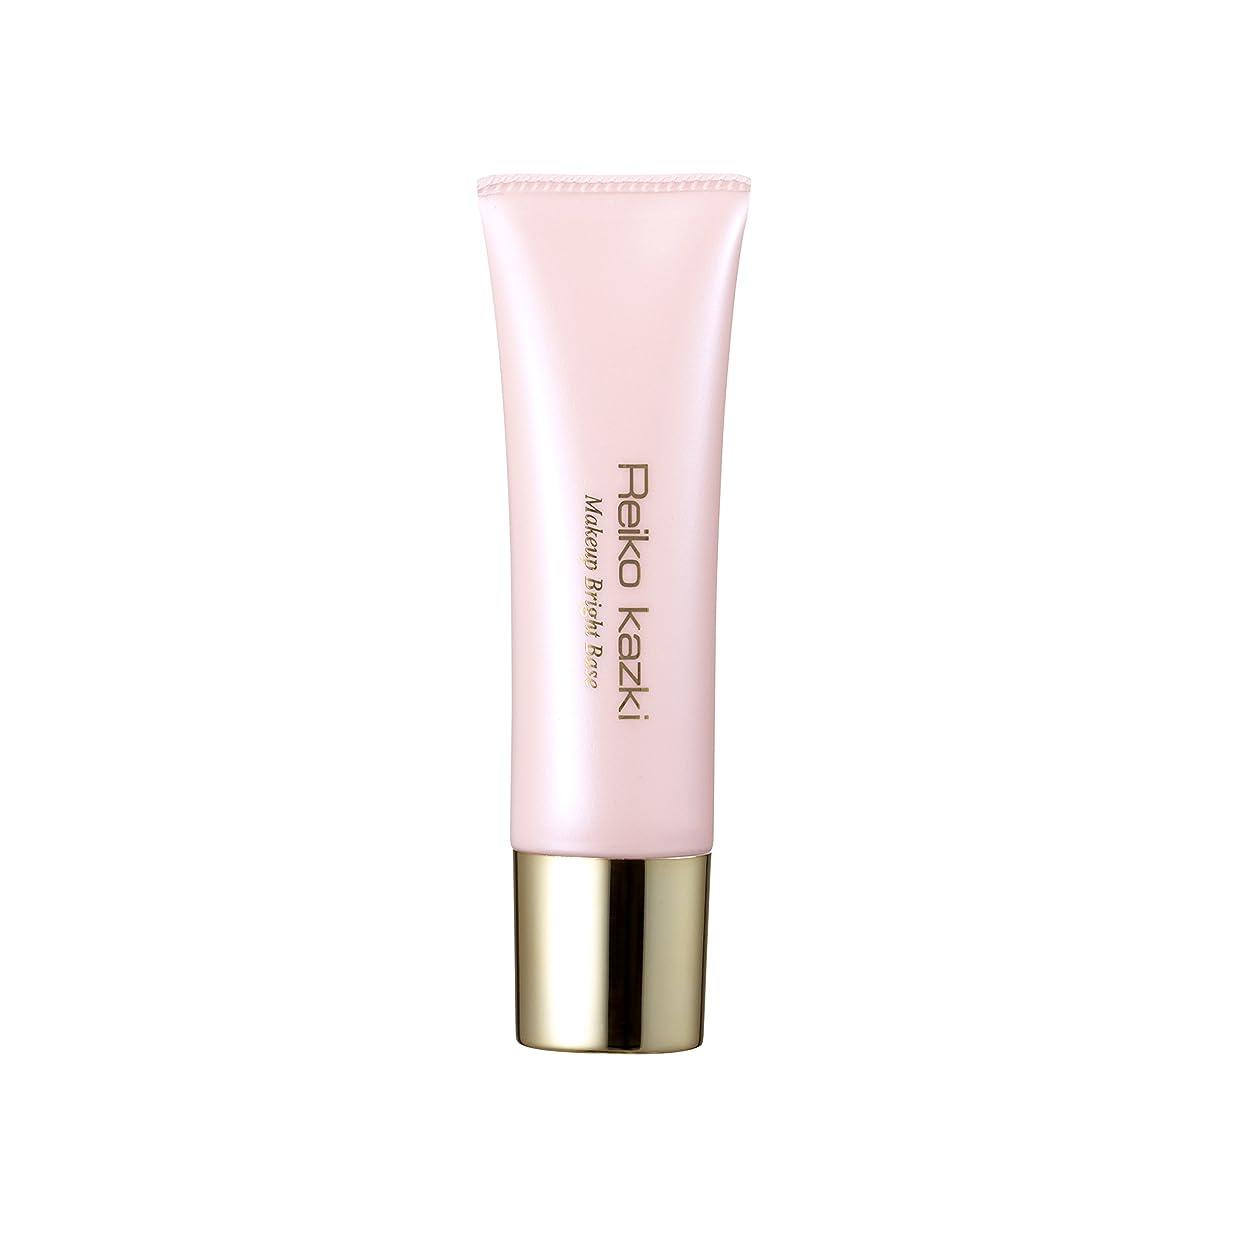 レジ効果的隔離かづきれいこ メイクアップブライトベース (化粧下地) 化粧下地に、ツヤ足しに、ハイライトにも使えるピンクパールの化粧下地。